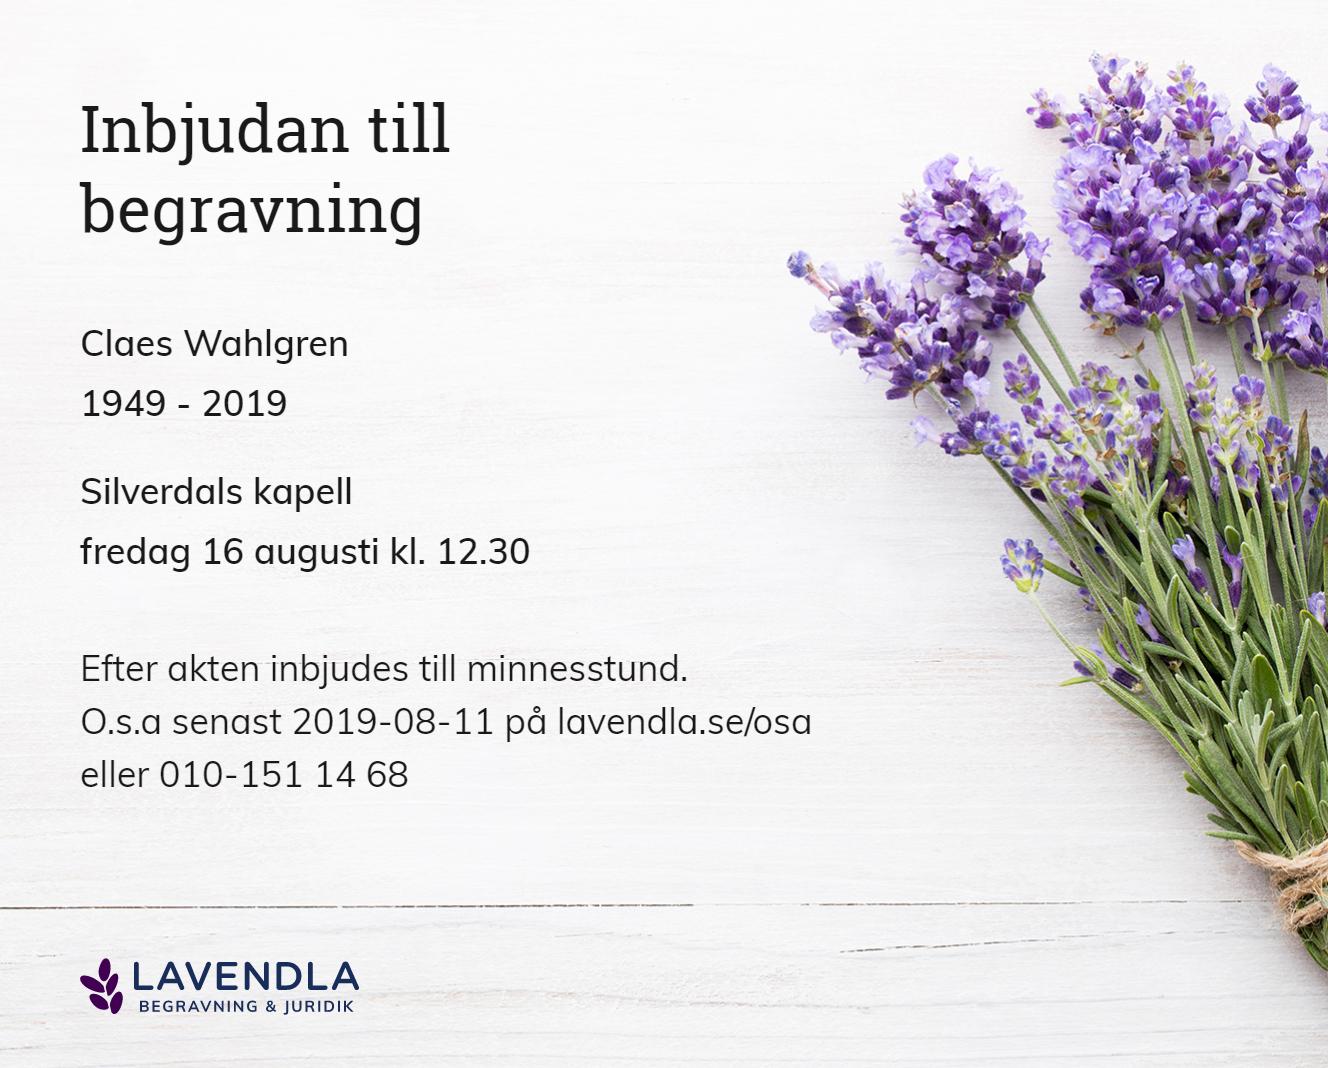 Inbjudningskort till ceremonin för Claes Wahlgren